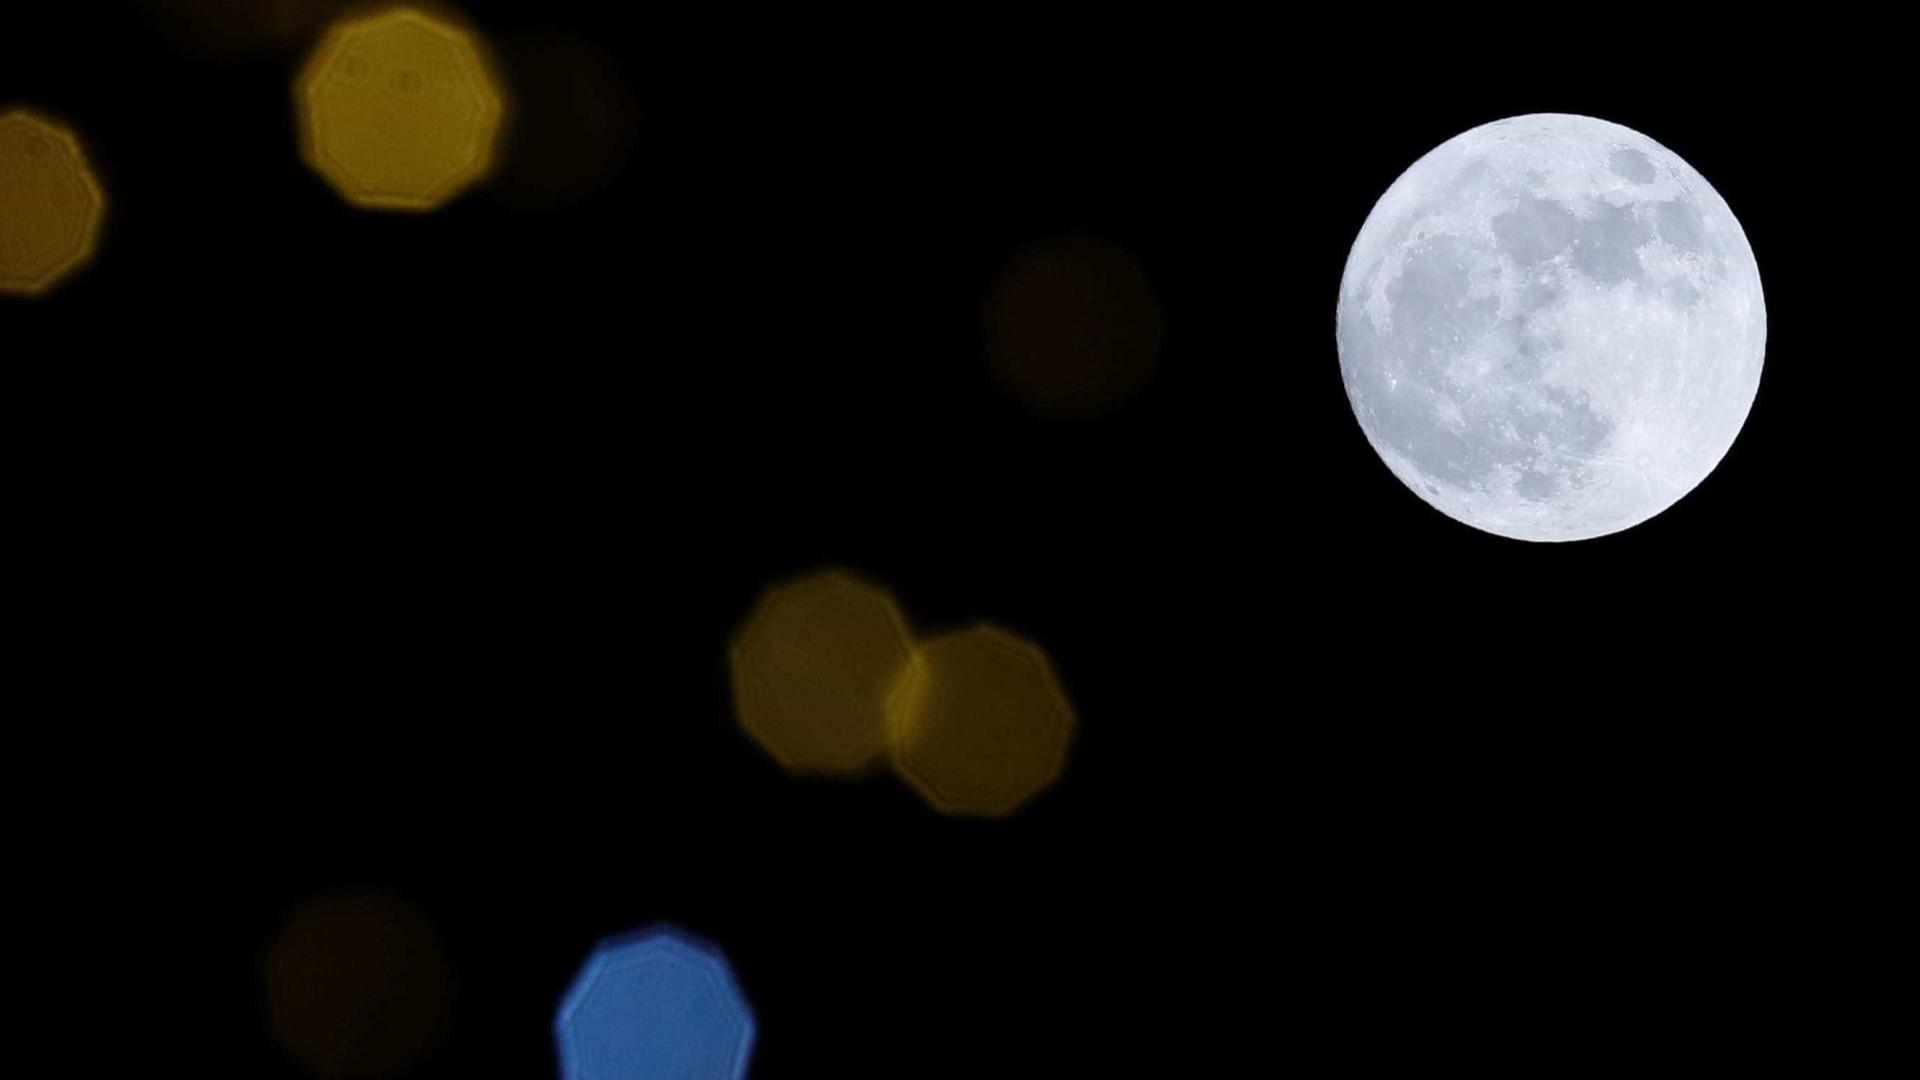 Segunda missão da Índia à Lua acontece este mês